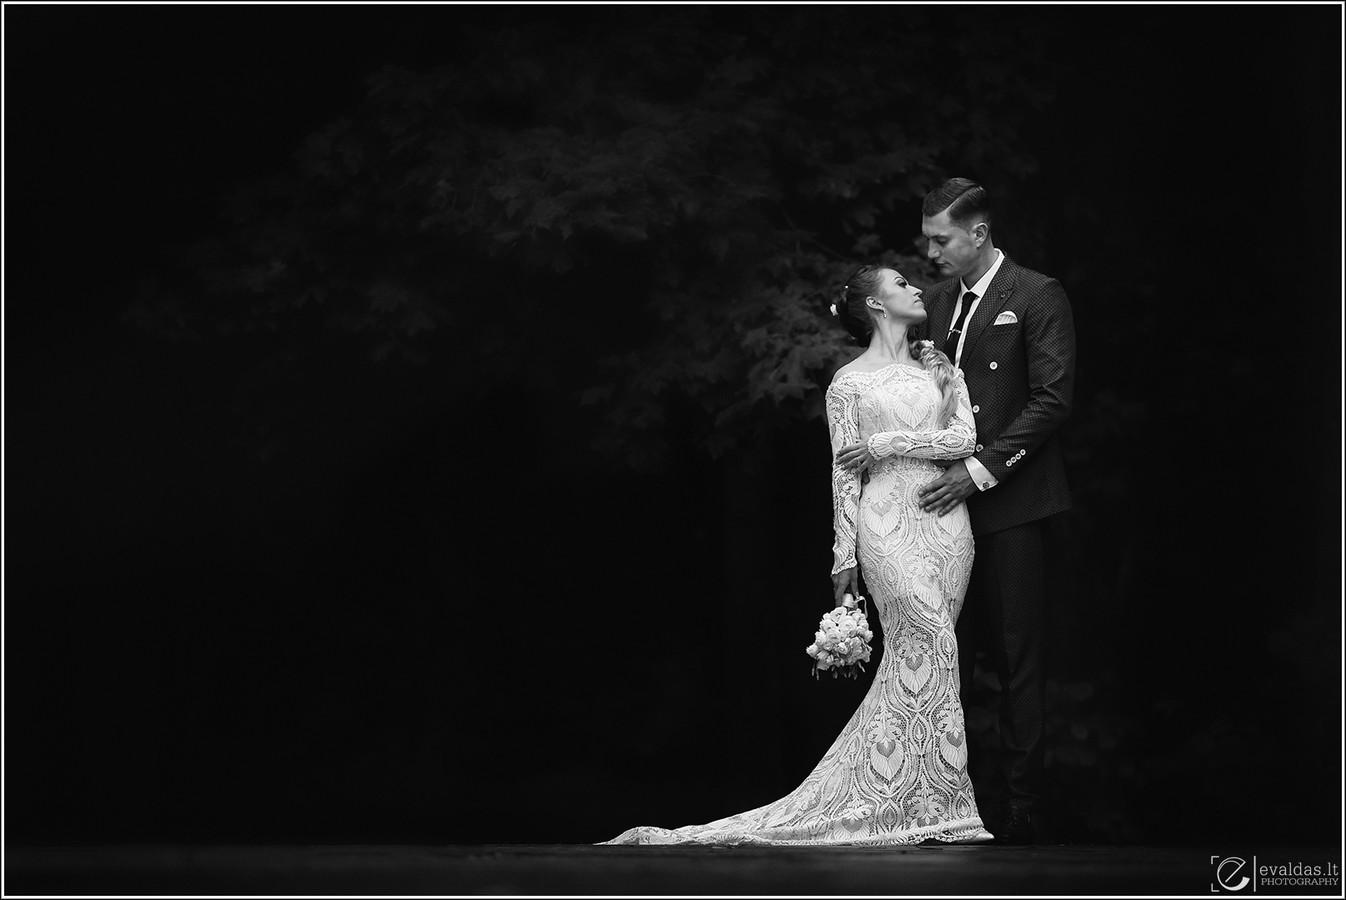 vestuvės... vestuvės... kaip gera būti viso to dalimi...